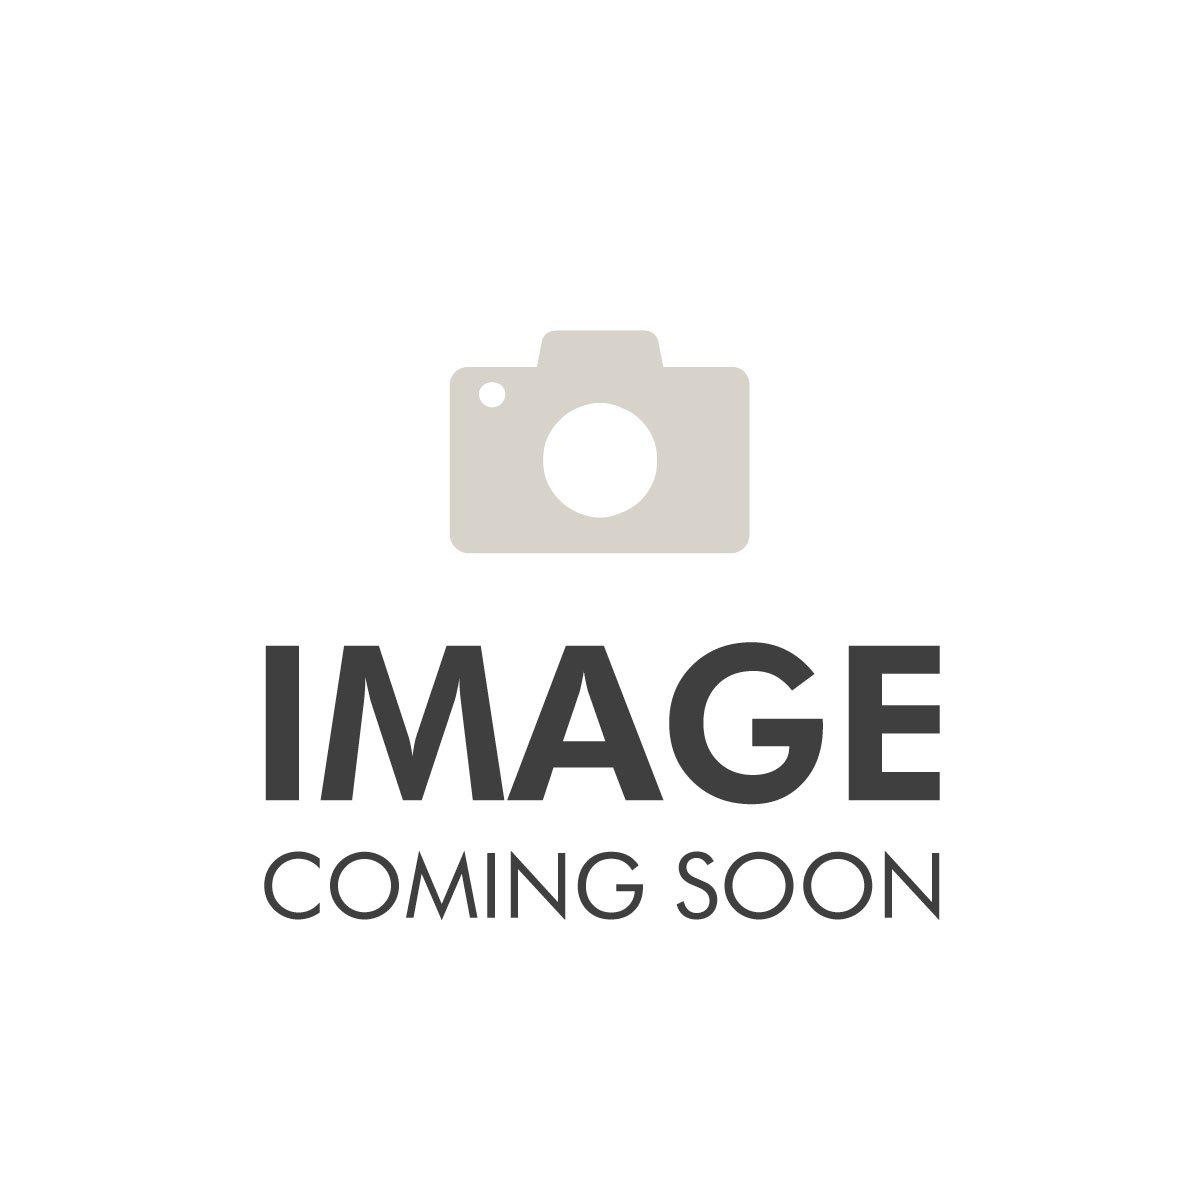 PBT - Fencer-End Socket - Complete